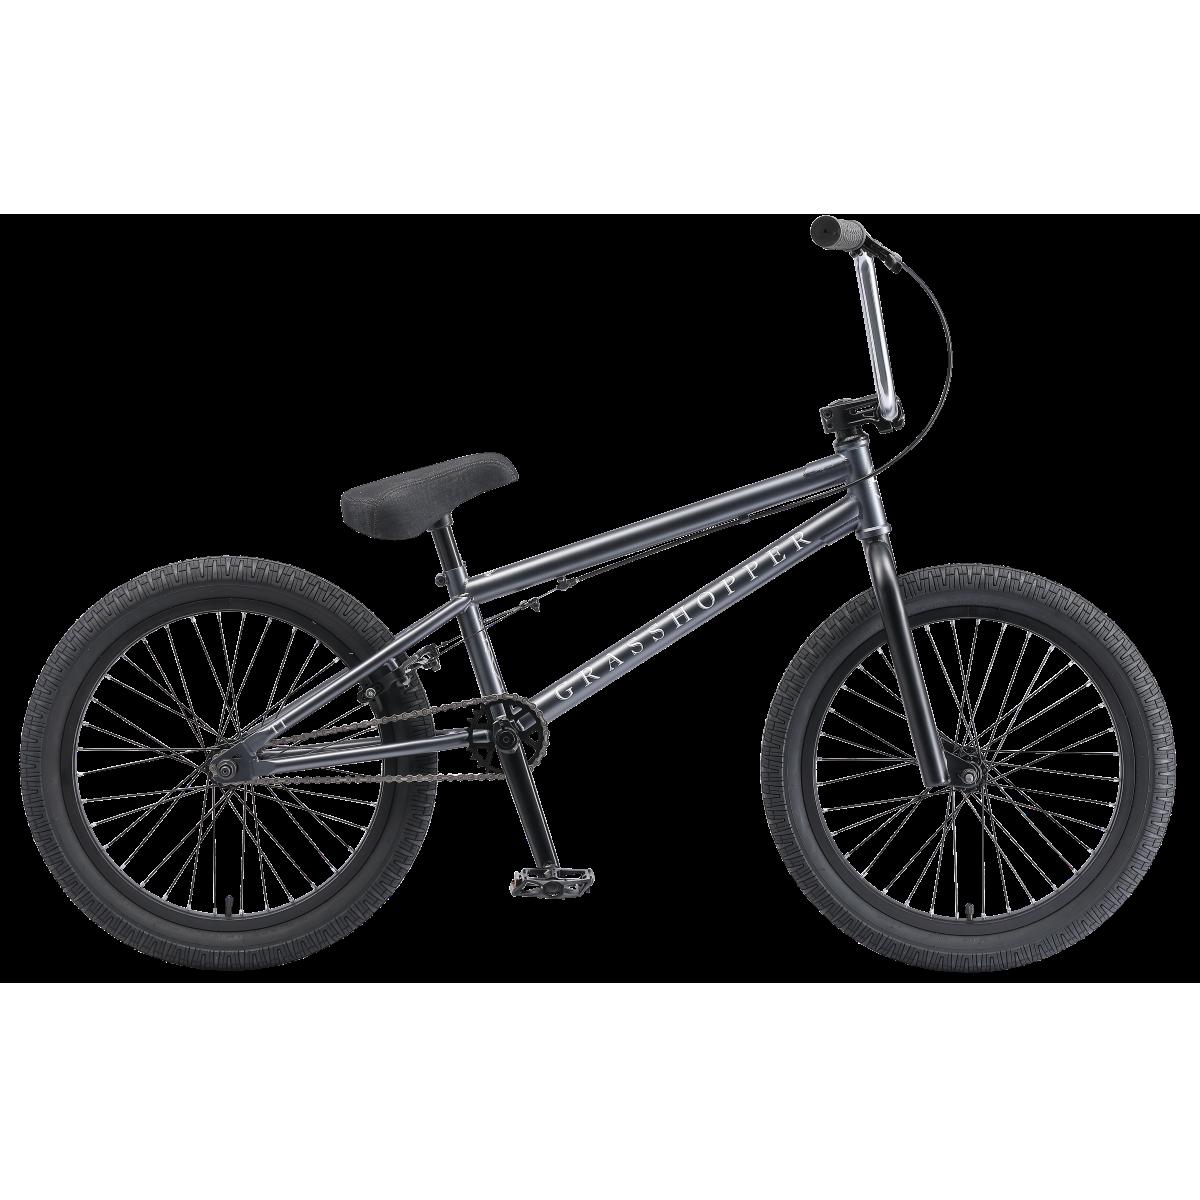 BMX велосипед TechTeam Grasshopper 2019 серый